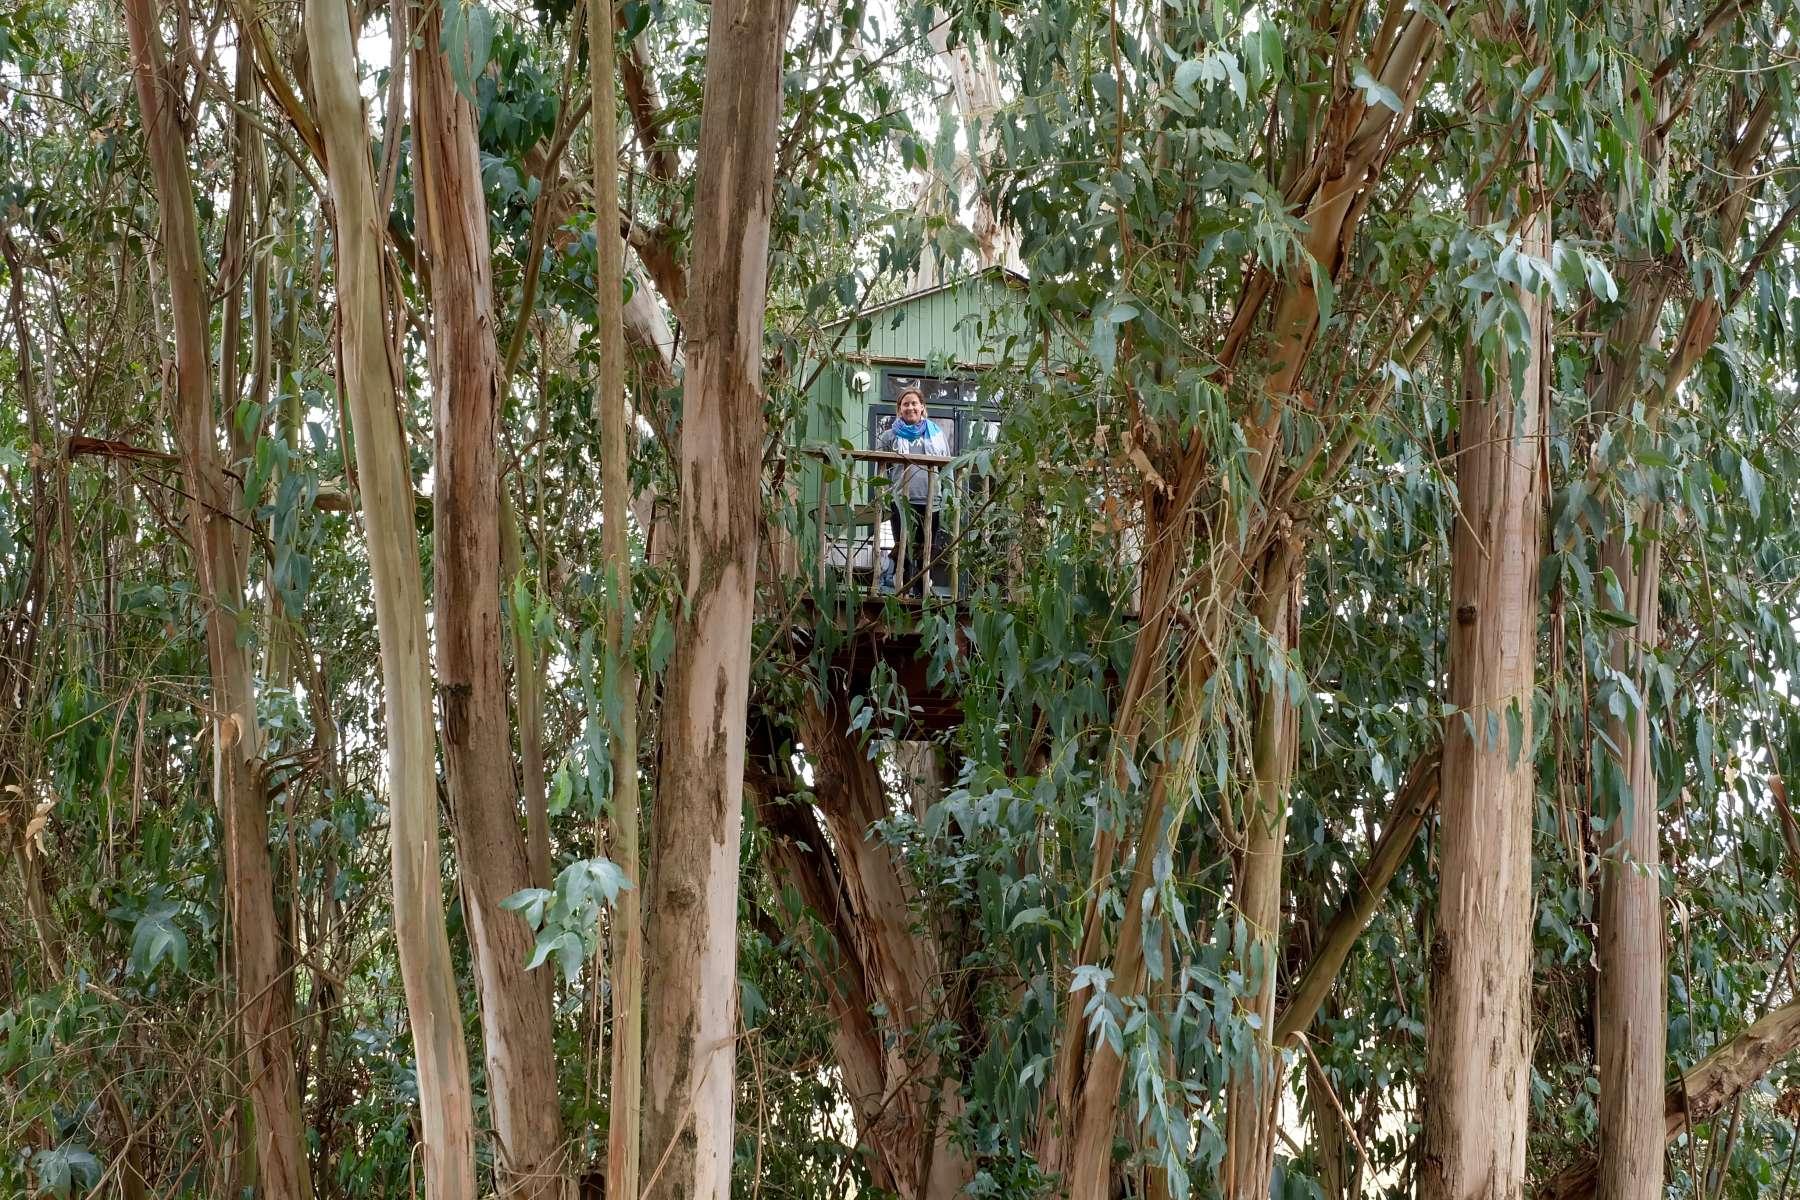 mary js photo at treehouse magic grove